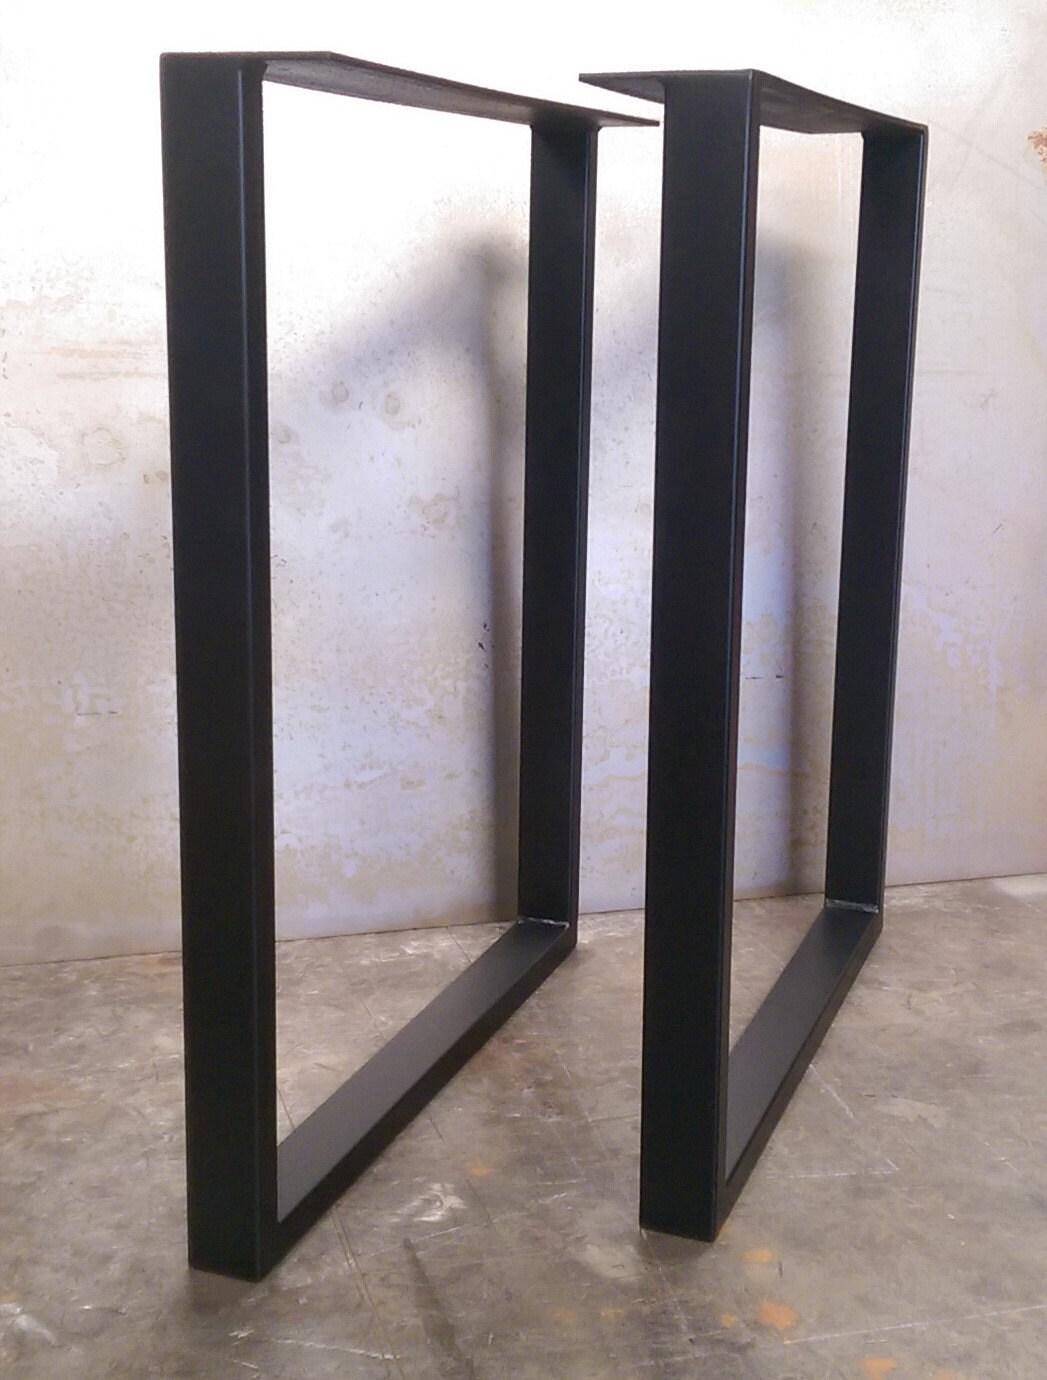 U shaped steel table legs